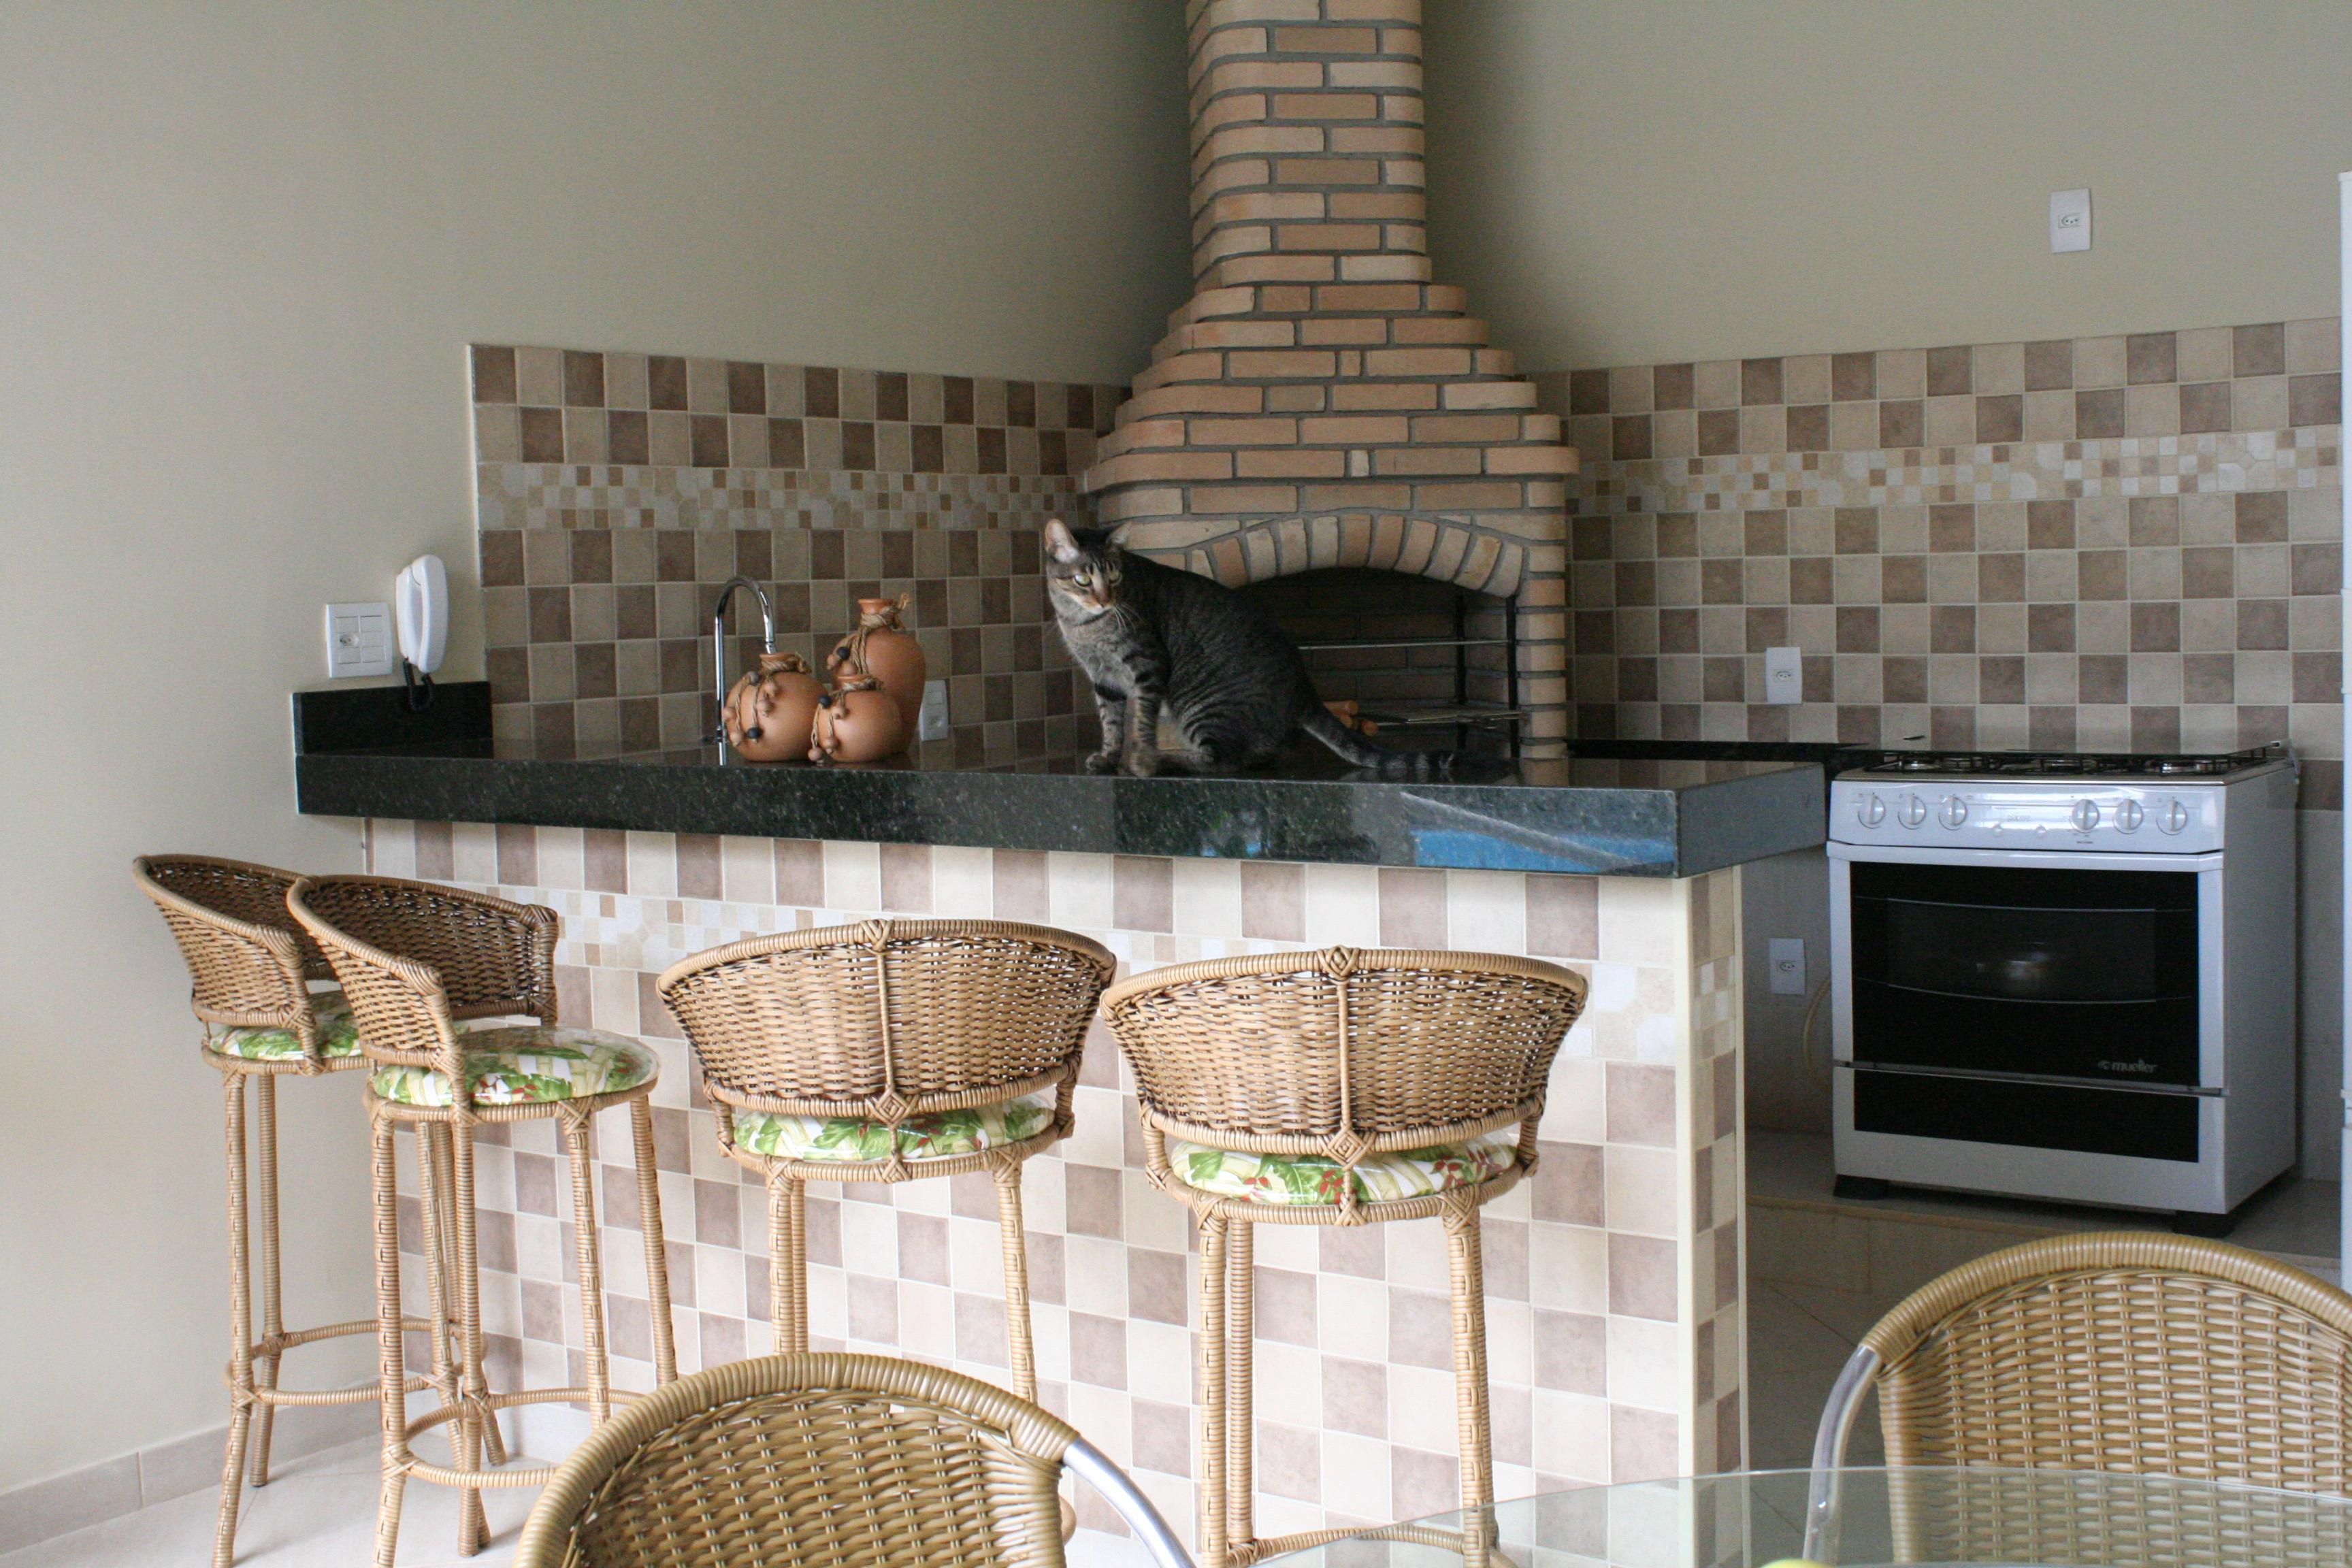 Projetos de churrasqueiras de canto Decorando Casas #4E617D 3456x2304